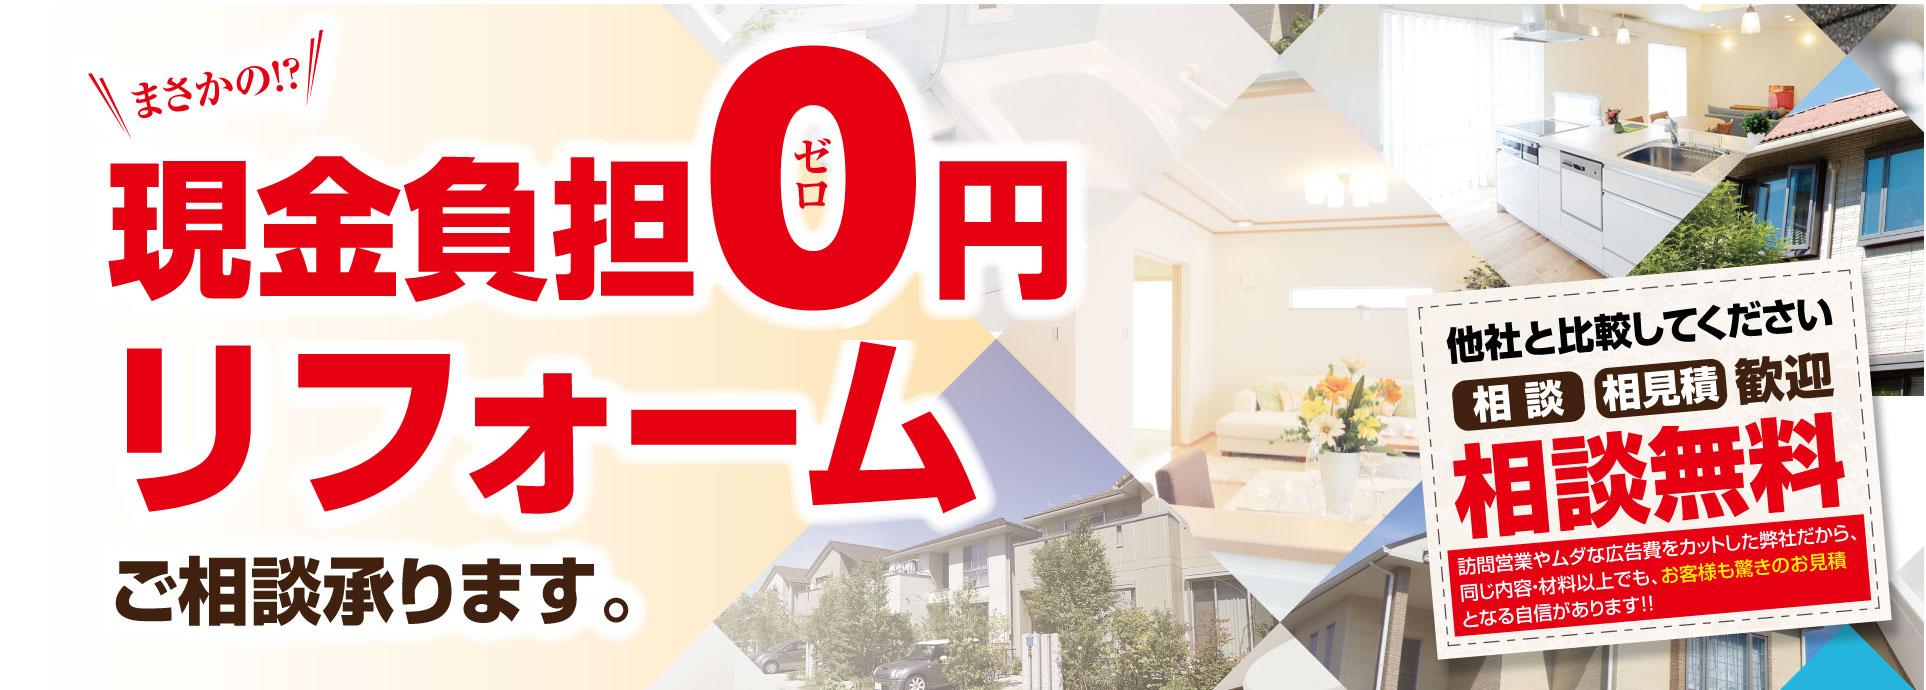 現金負担0円でのリフォーム・外壁塗装のご相談承ります。